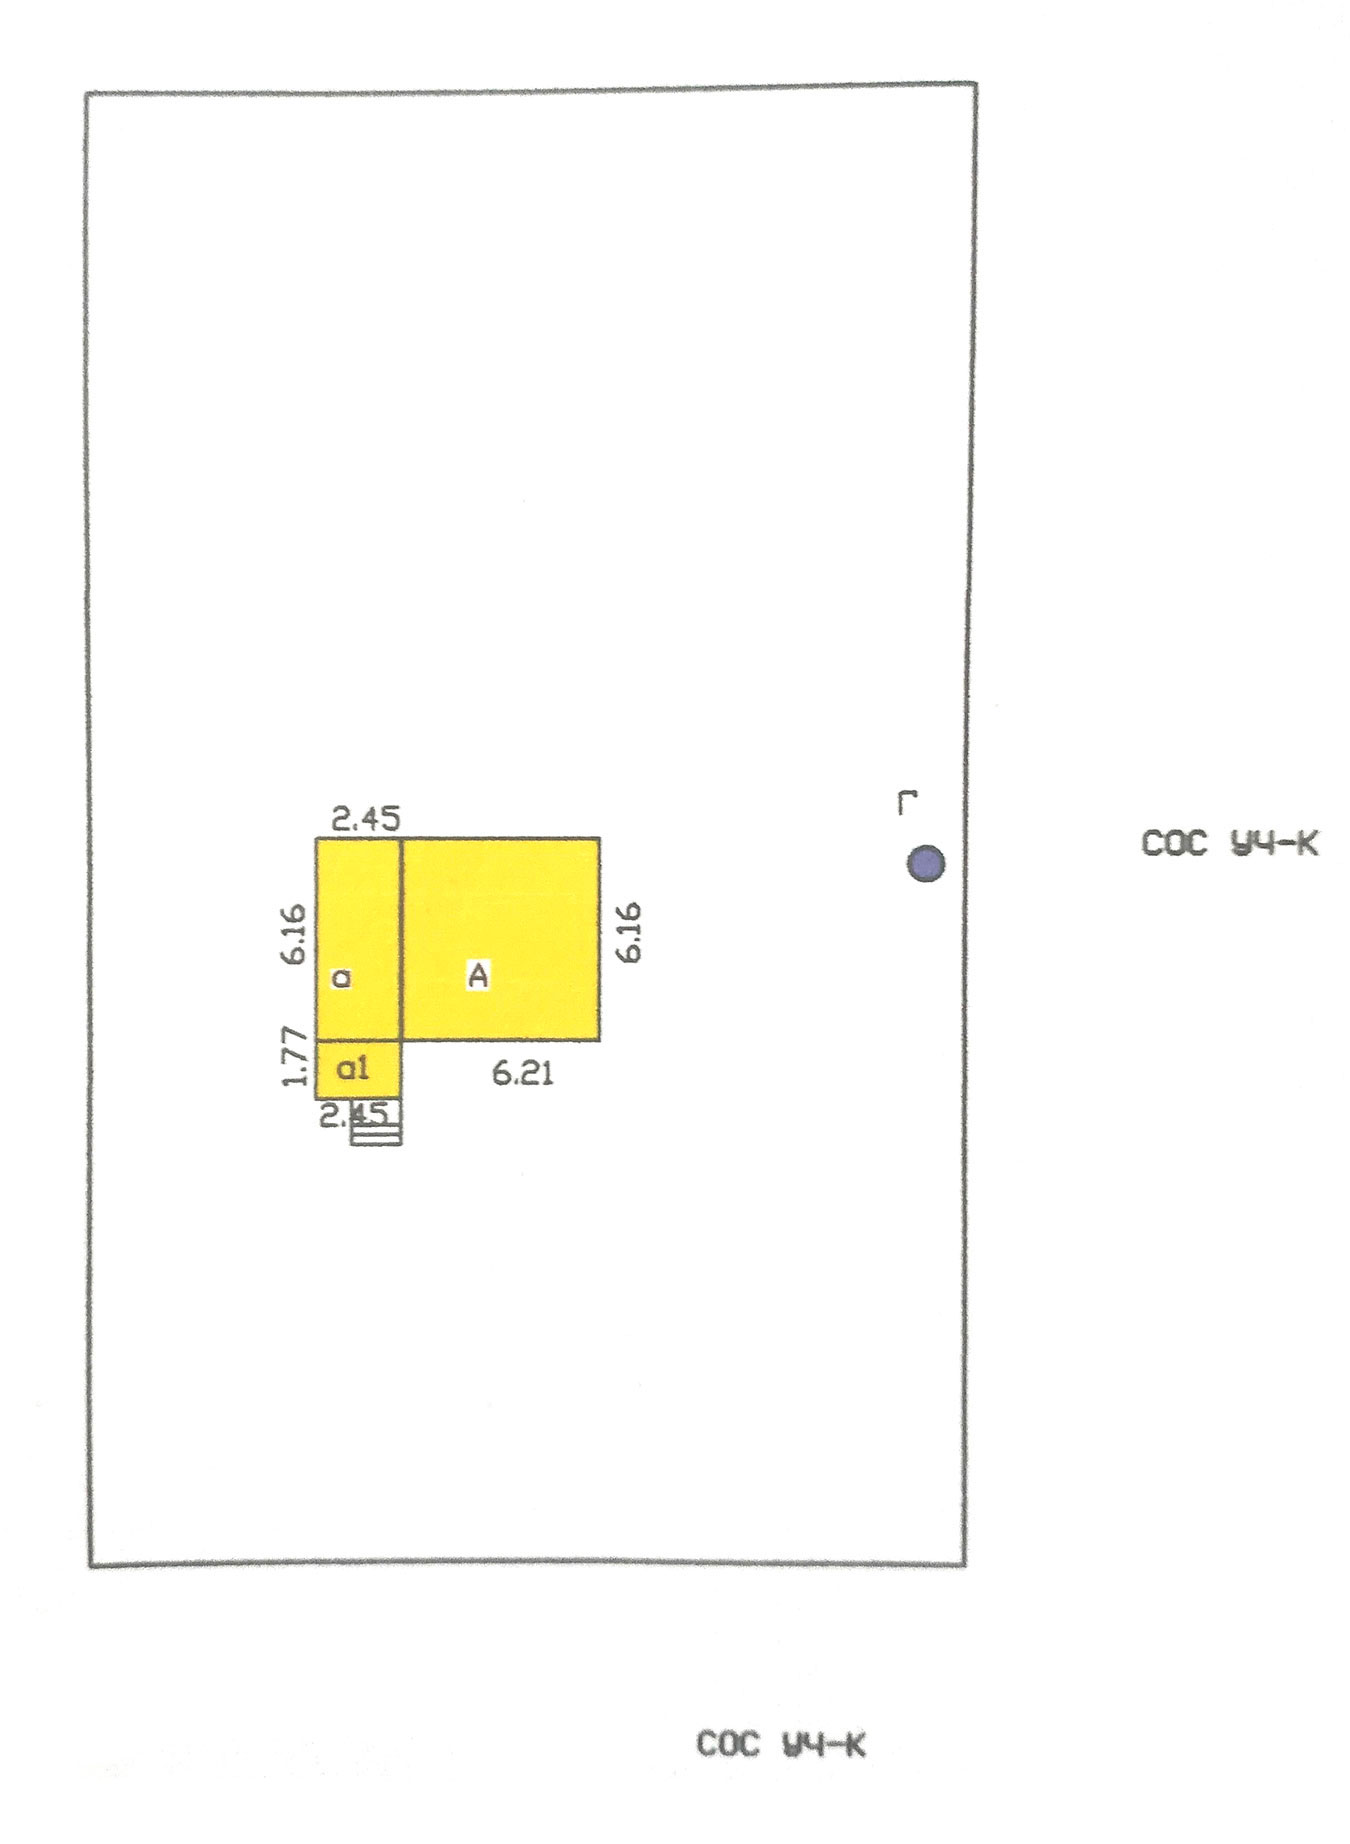 Это план дома на участке. Квадрат с буквой А — жилая зона с печкой. Слева — коридор и склад, они пока не отапливаются